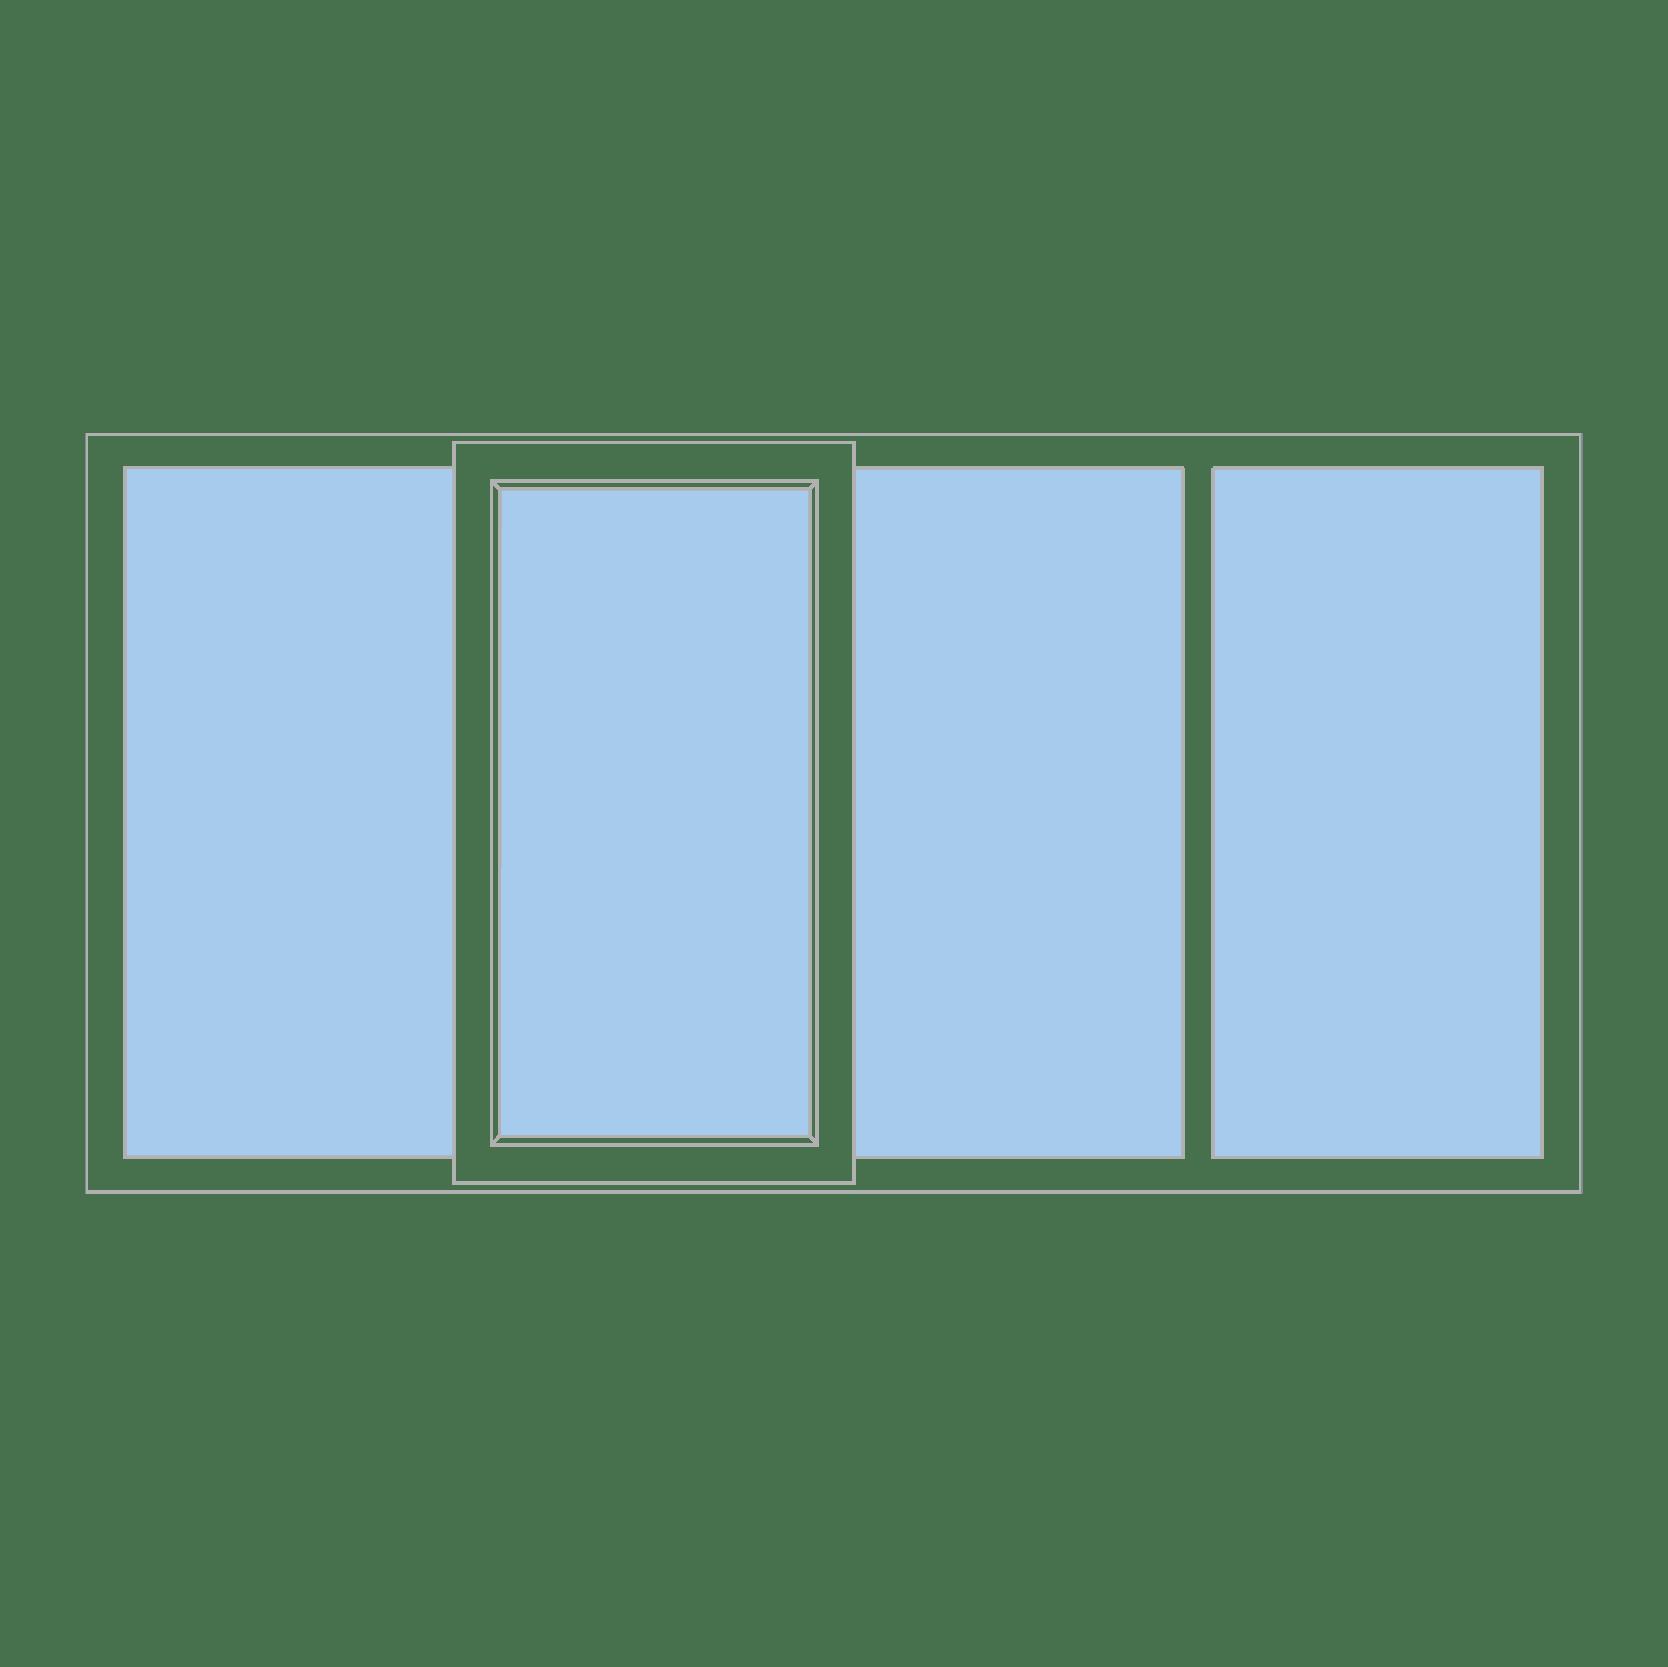 схема-03